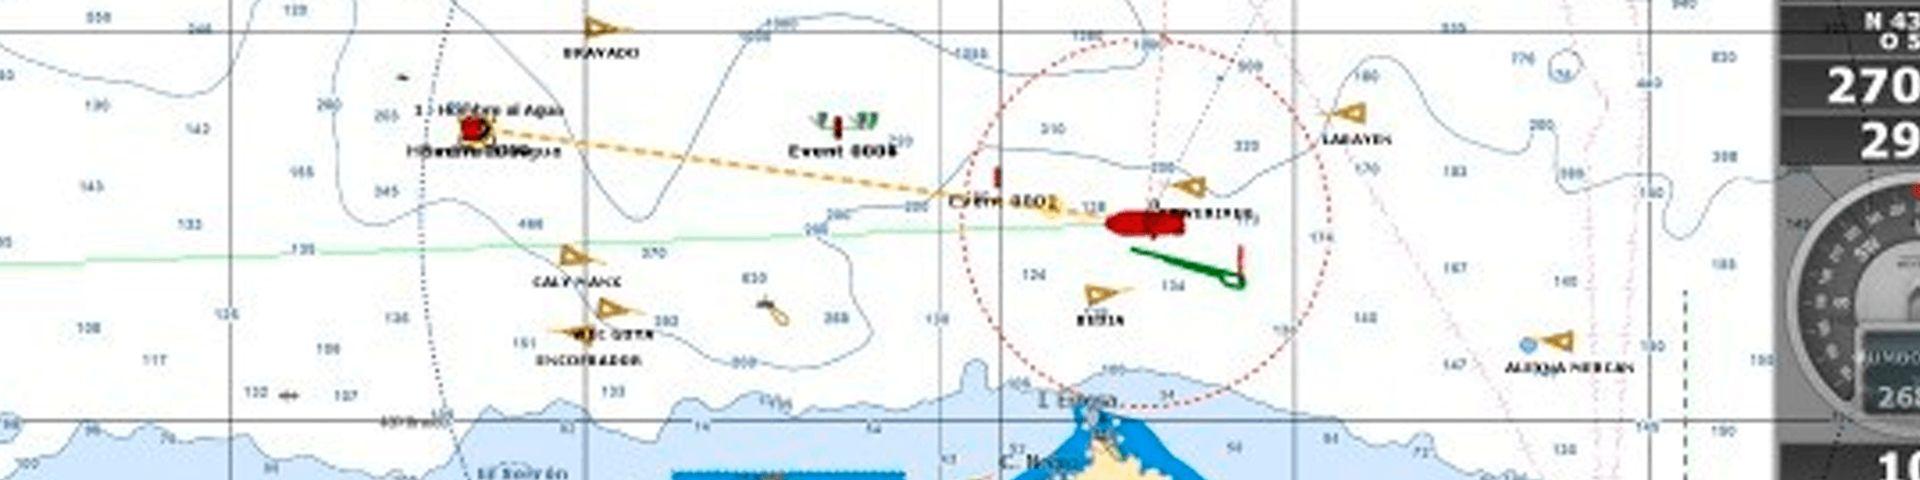 Cartas náuticas electrónicas